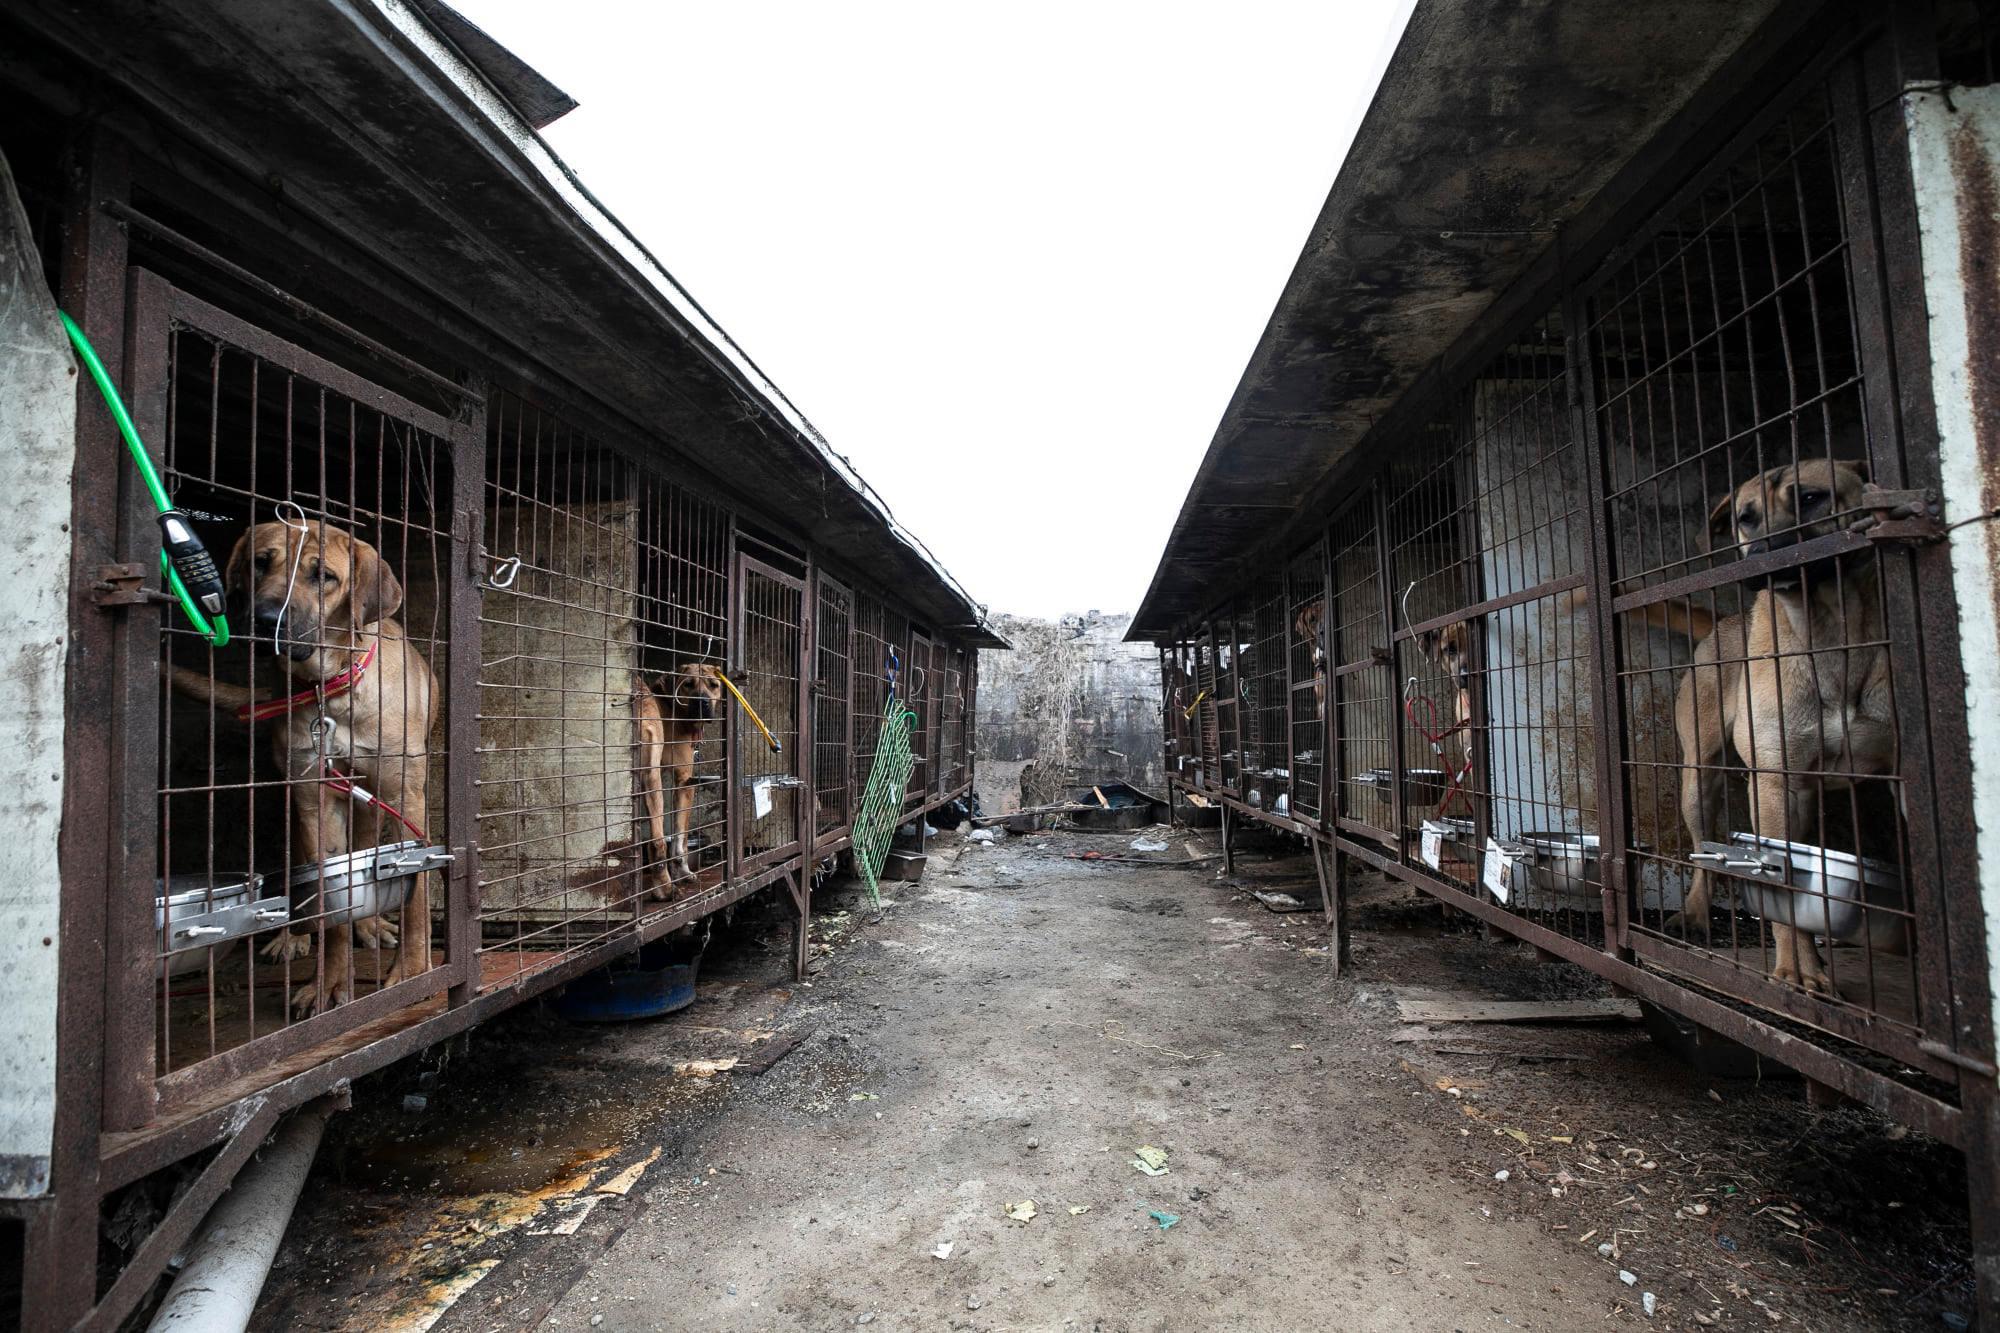 Những hình ảnh gây sốc trong hành trình giải cứu những chú chó khỏi lò mổ - Ảnh 4.